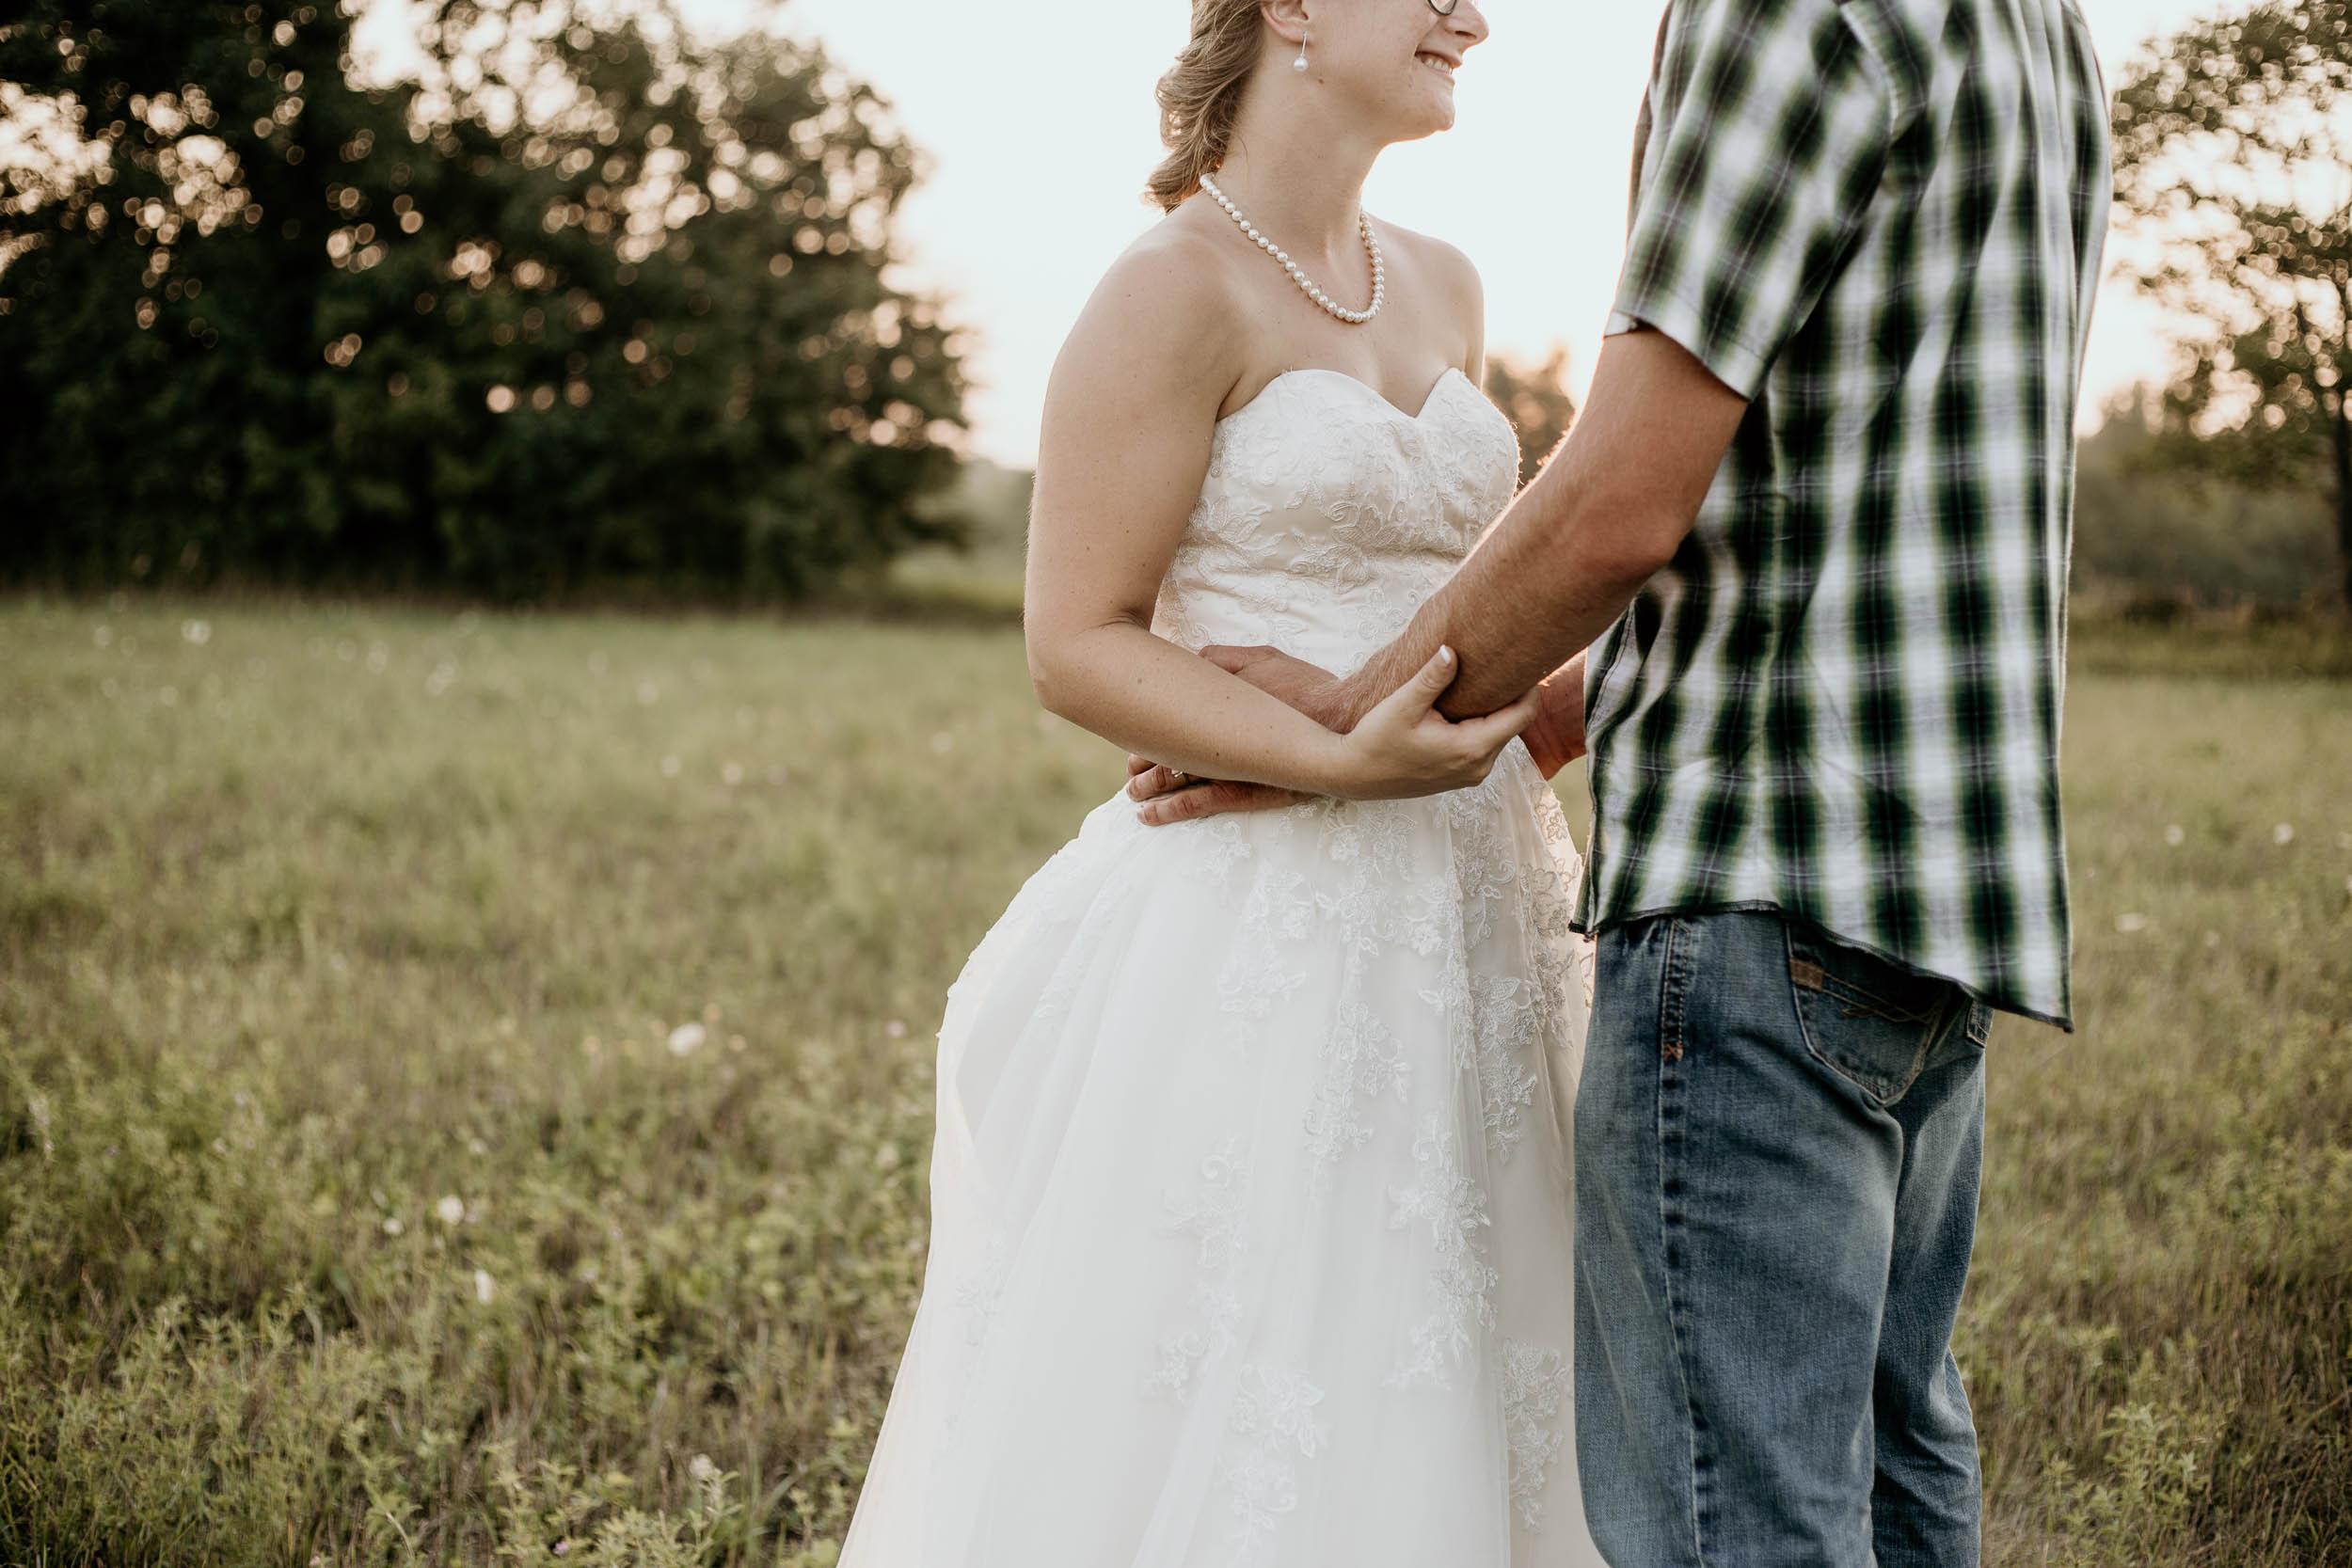 intimate-wedding-elopement-photographer-ottawa-joshua-tree-2990.jpg